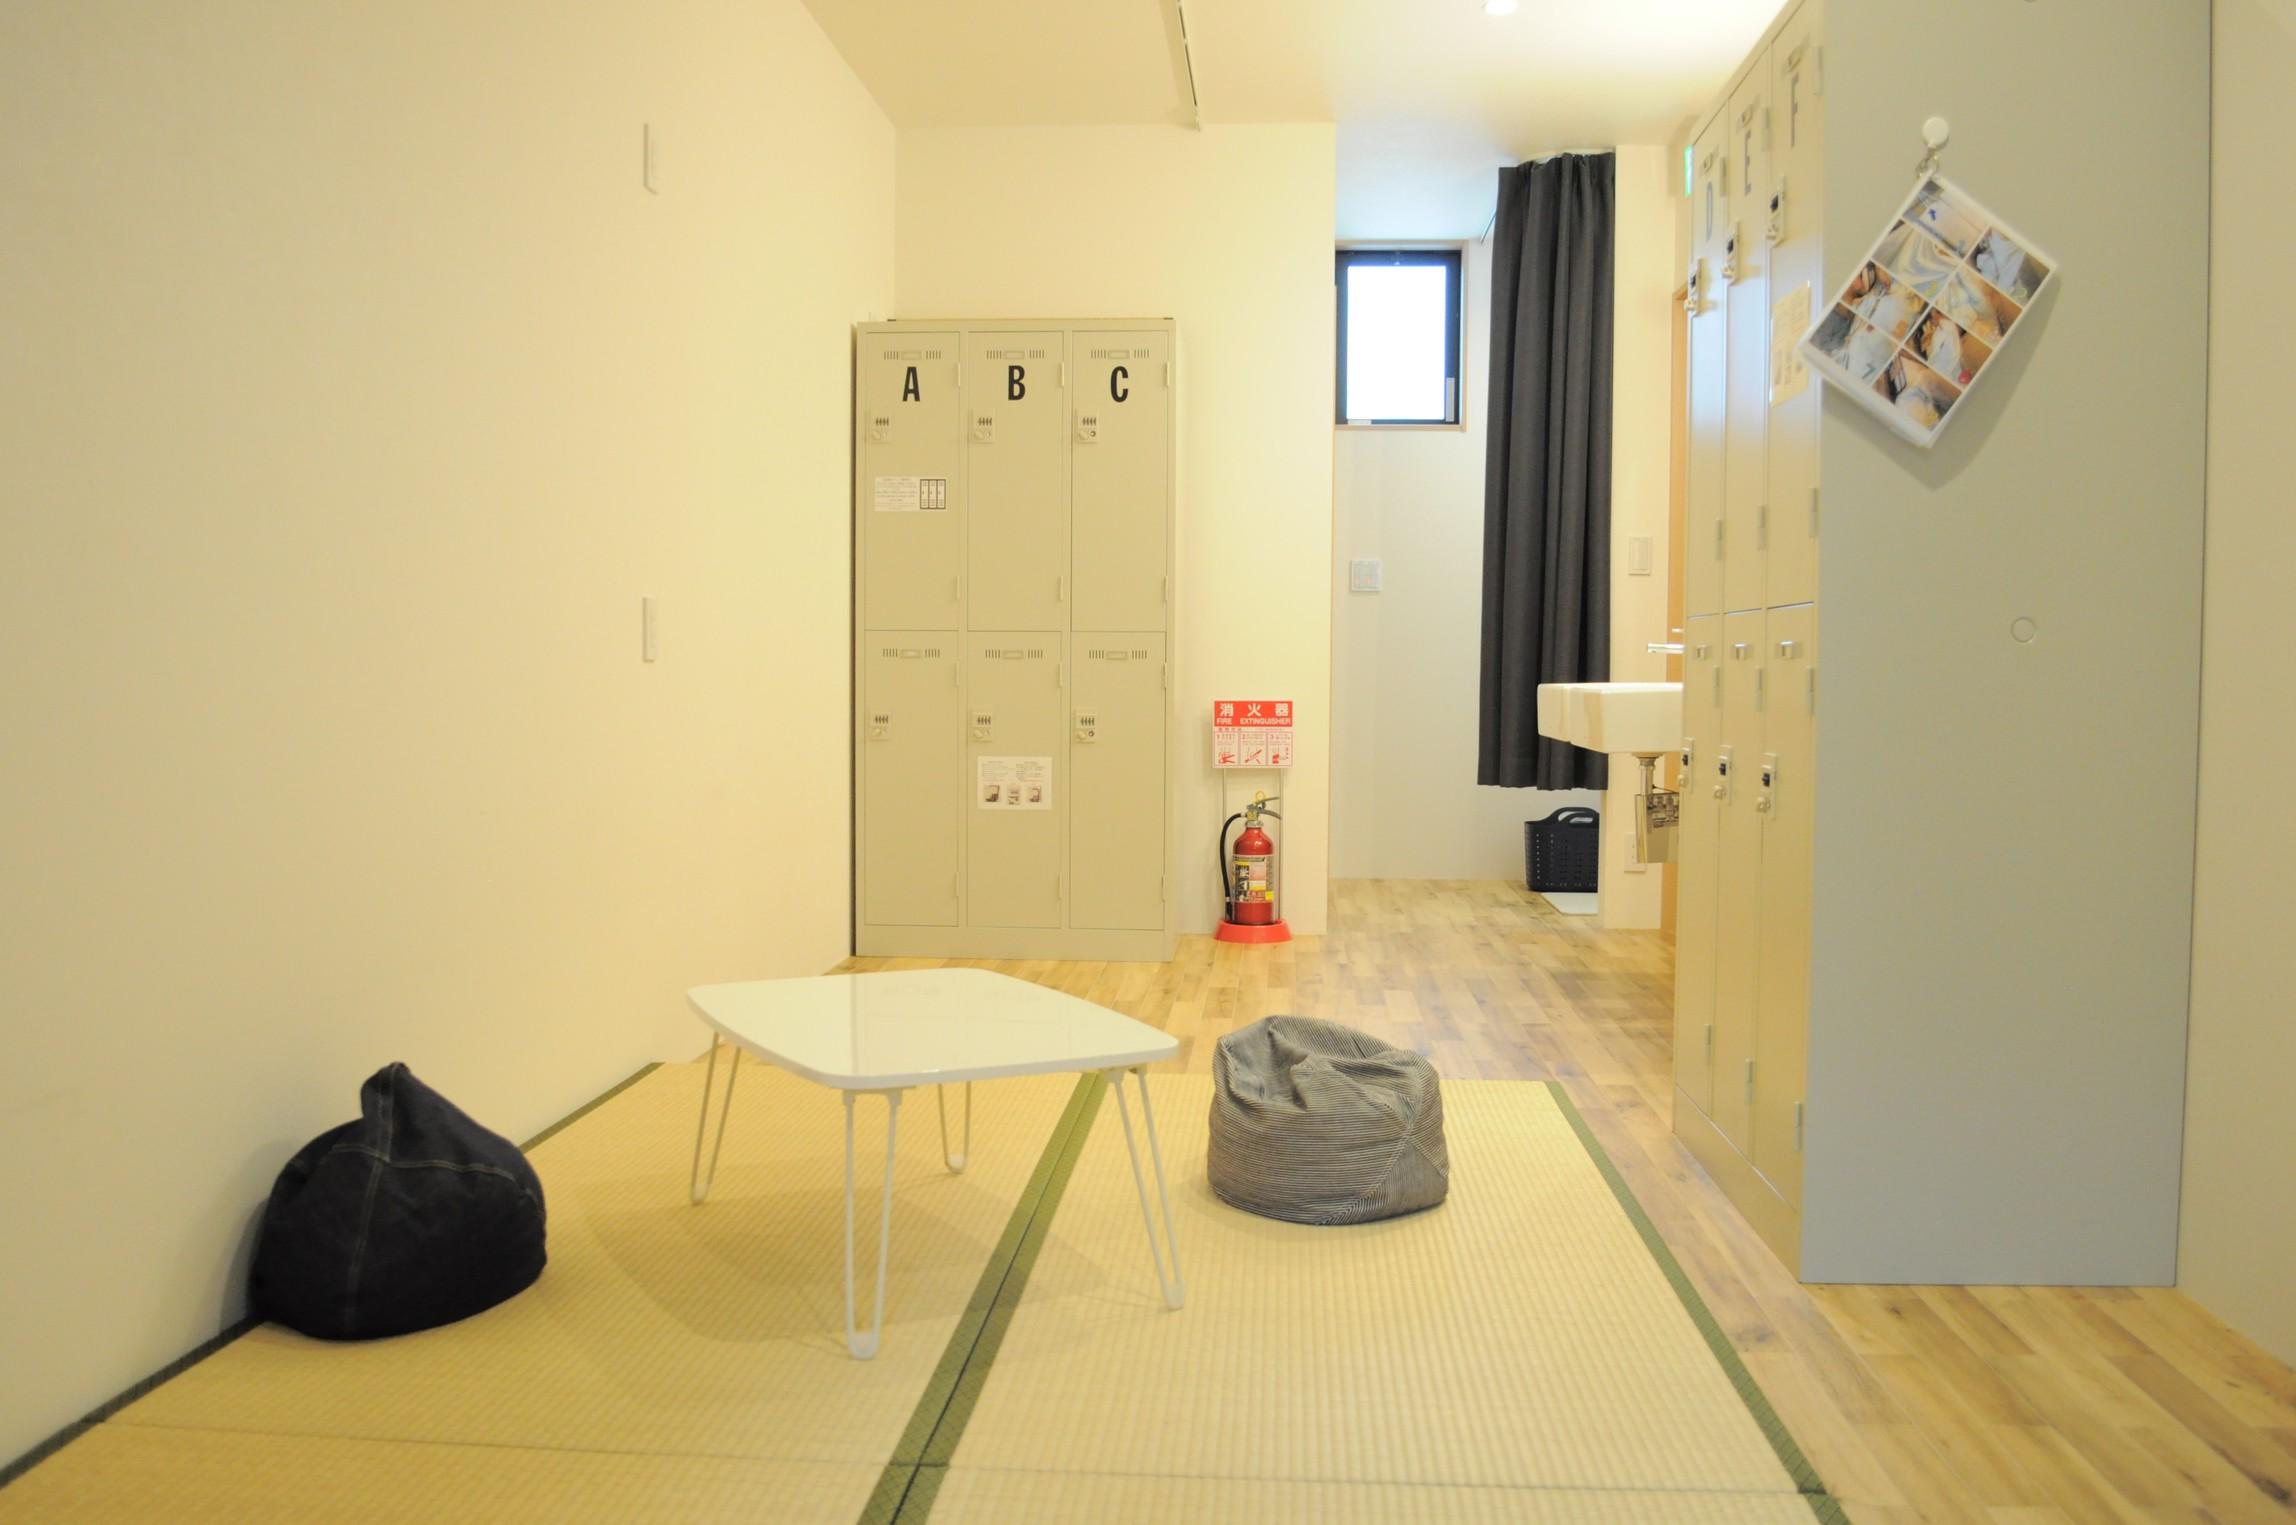 201客室 共用スペース(1)